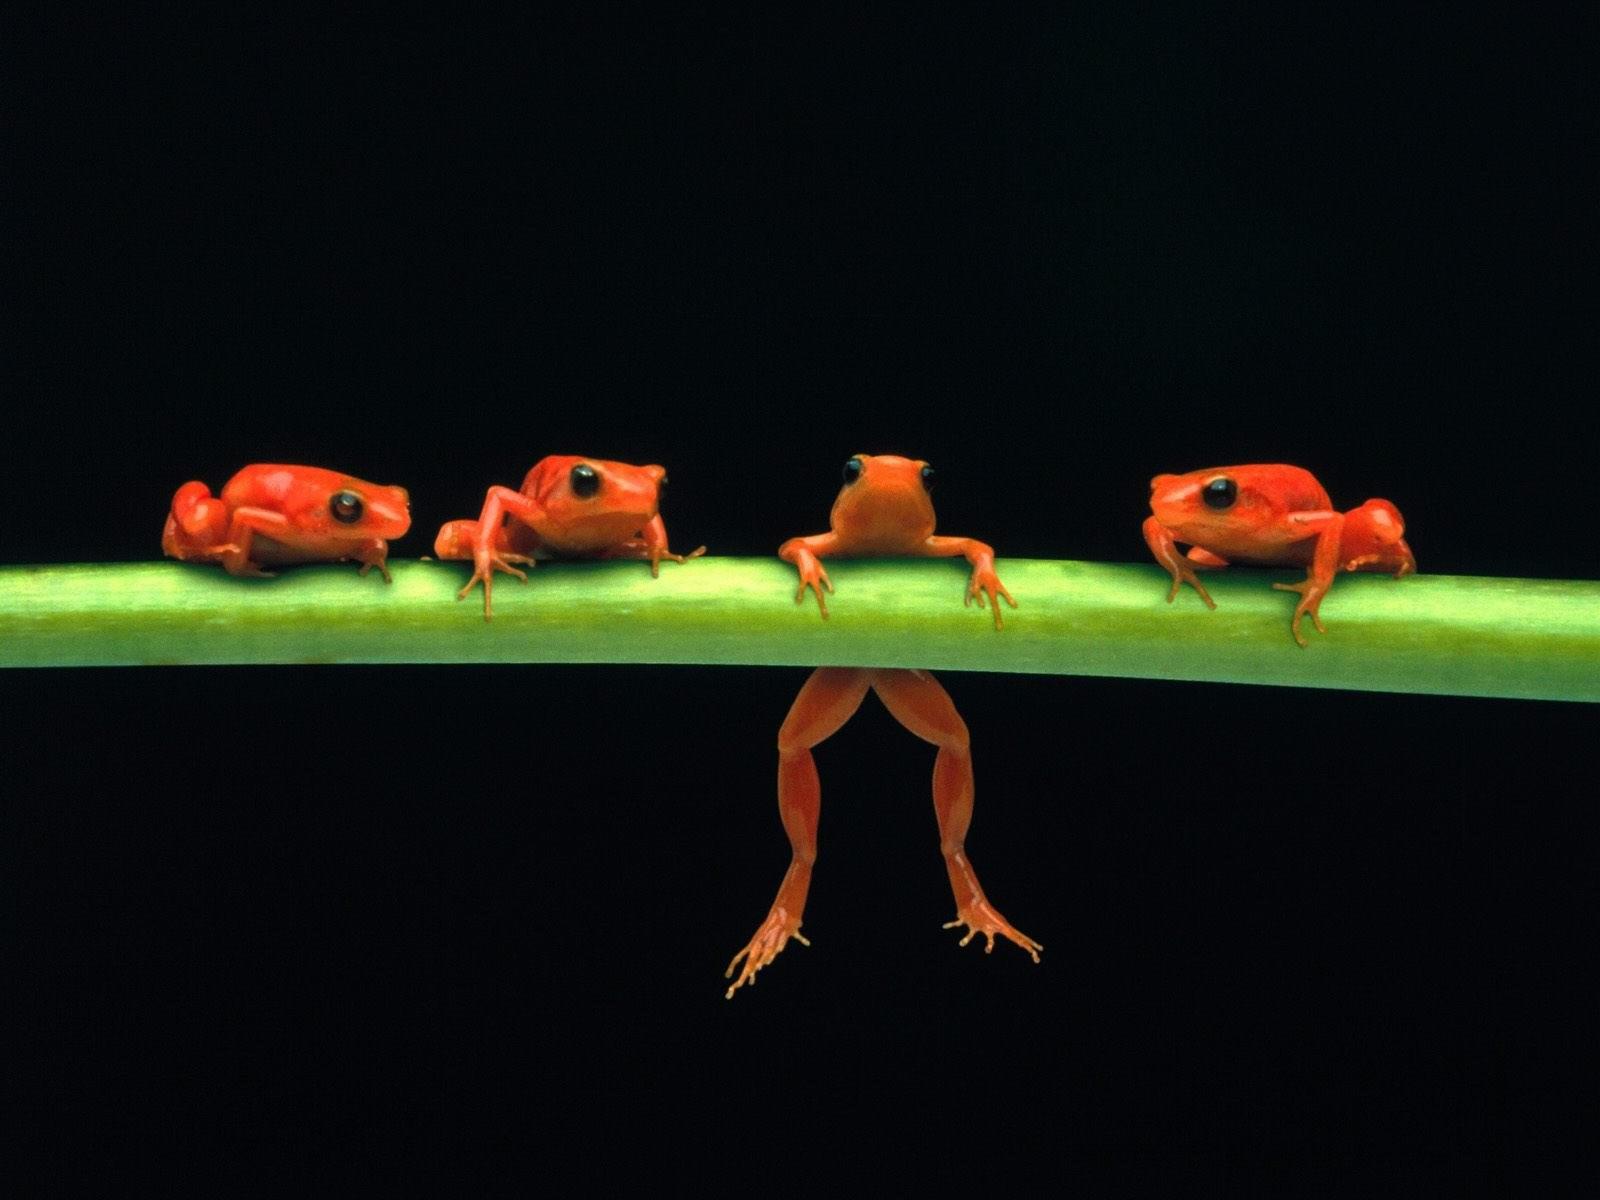 Четыре красных лягушки на стебле